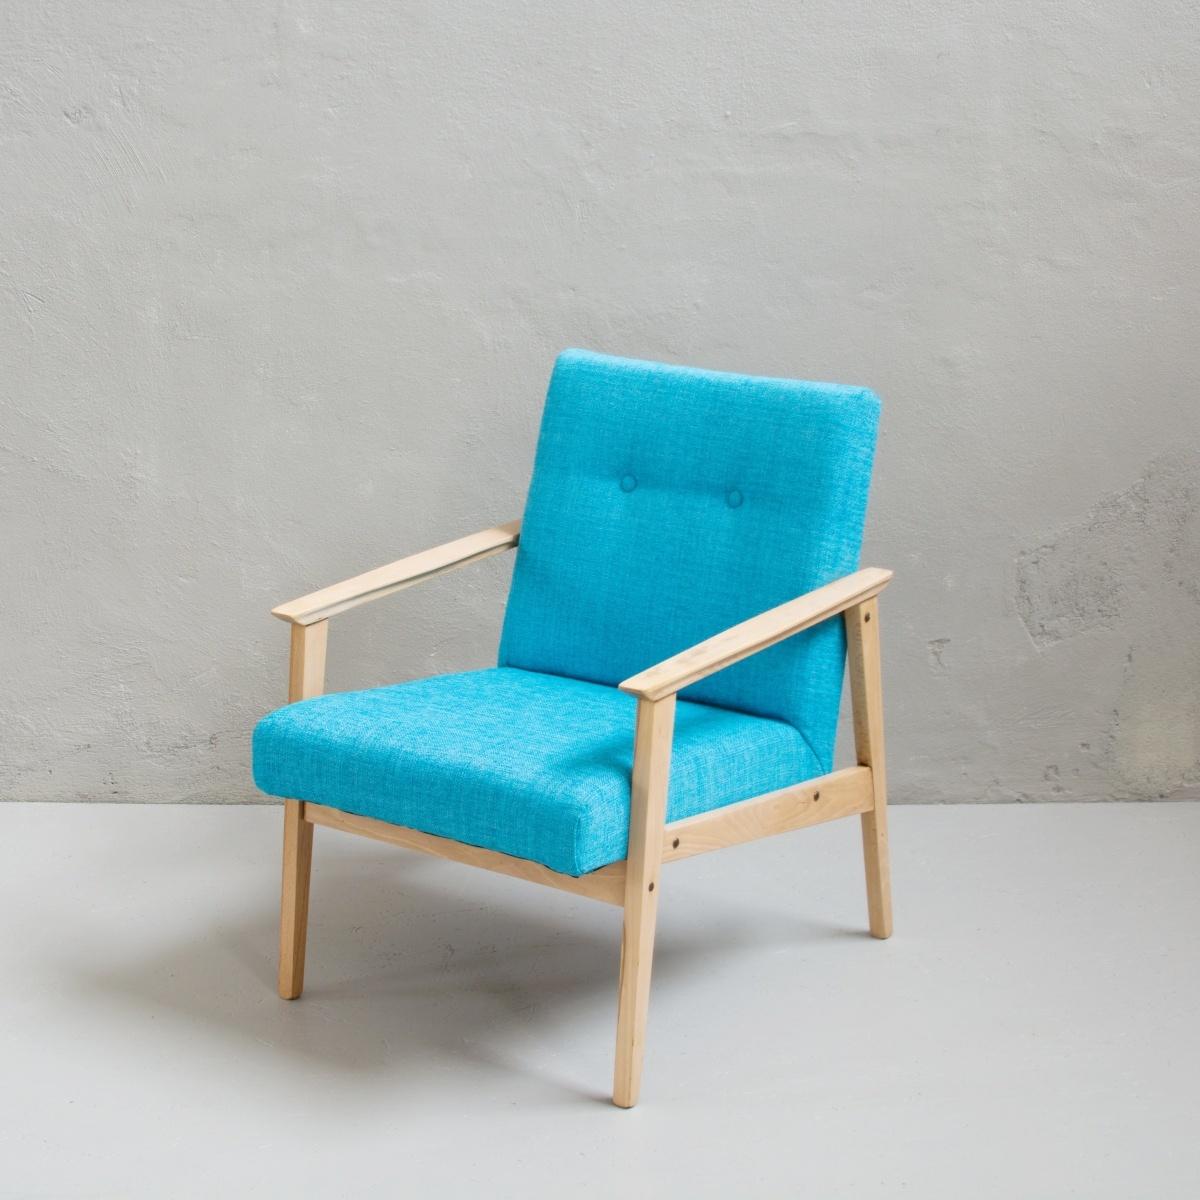 Prodej retro nábytek retro křesla